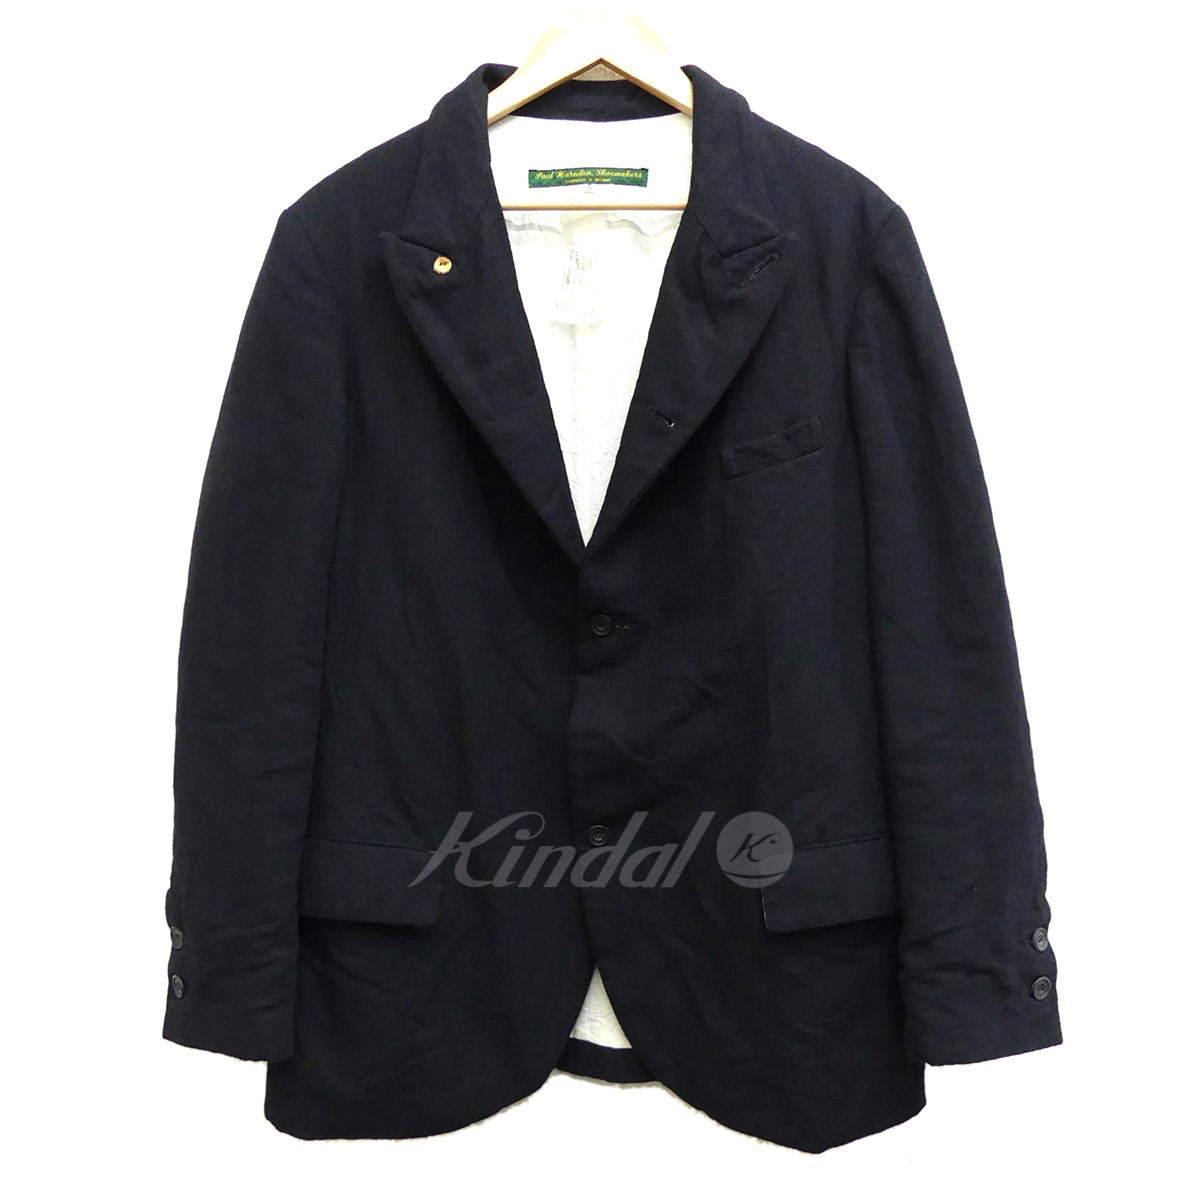 【中古】PAUL HARNDEN Mens Norfolk Jacket メンズノーフォークジャケット ウール50×リネン50 ブラック サイズ:S 【送料無料】 【140219】(ポールハーデン)